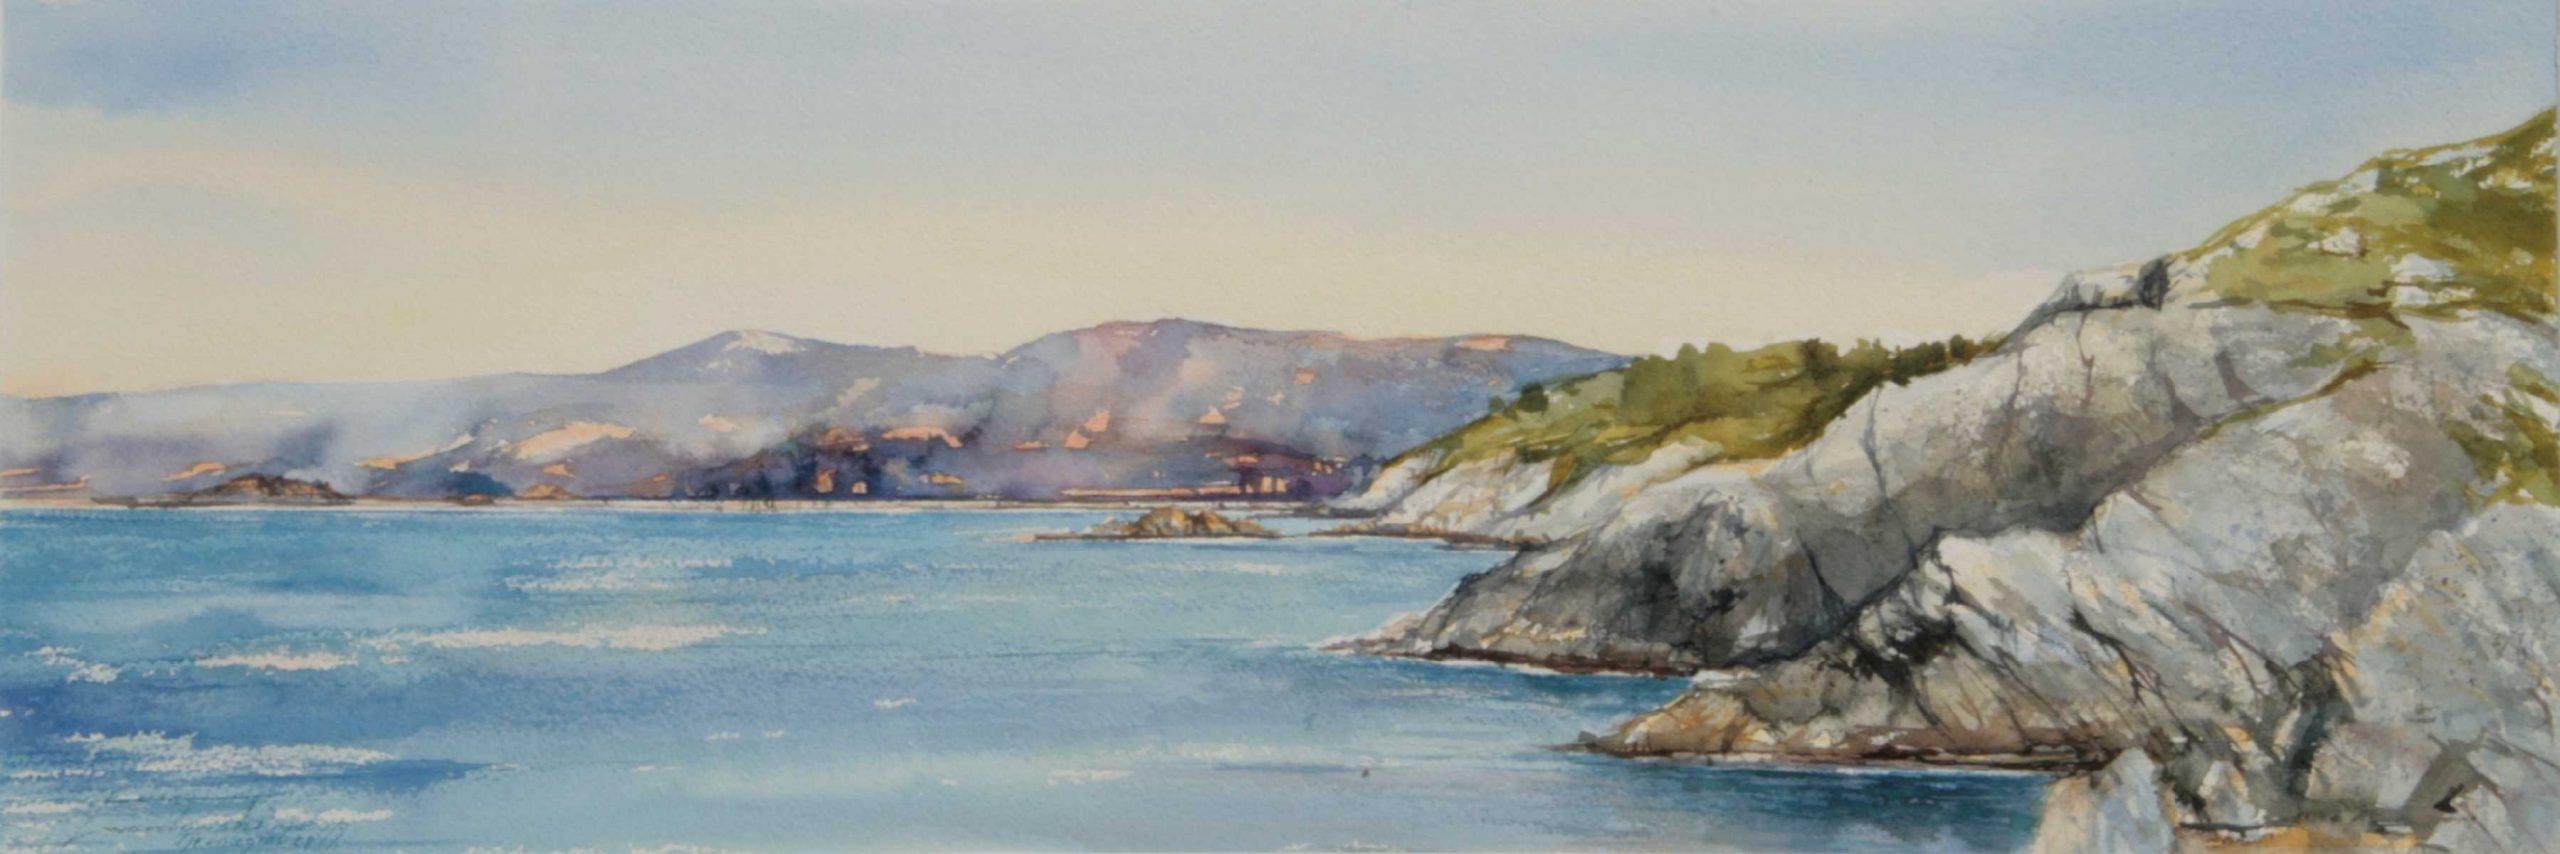 Motyw z Norwegii - Tjernagiel , 76x27 cm. Kazimierz Twardowski